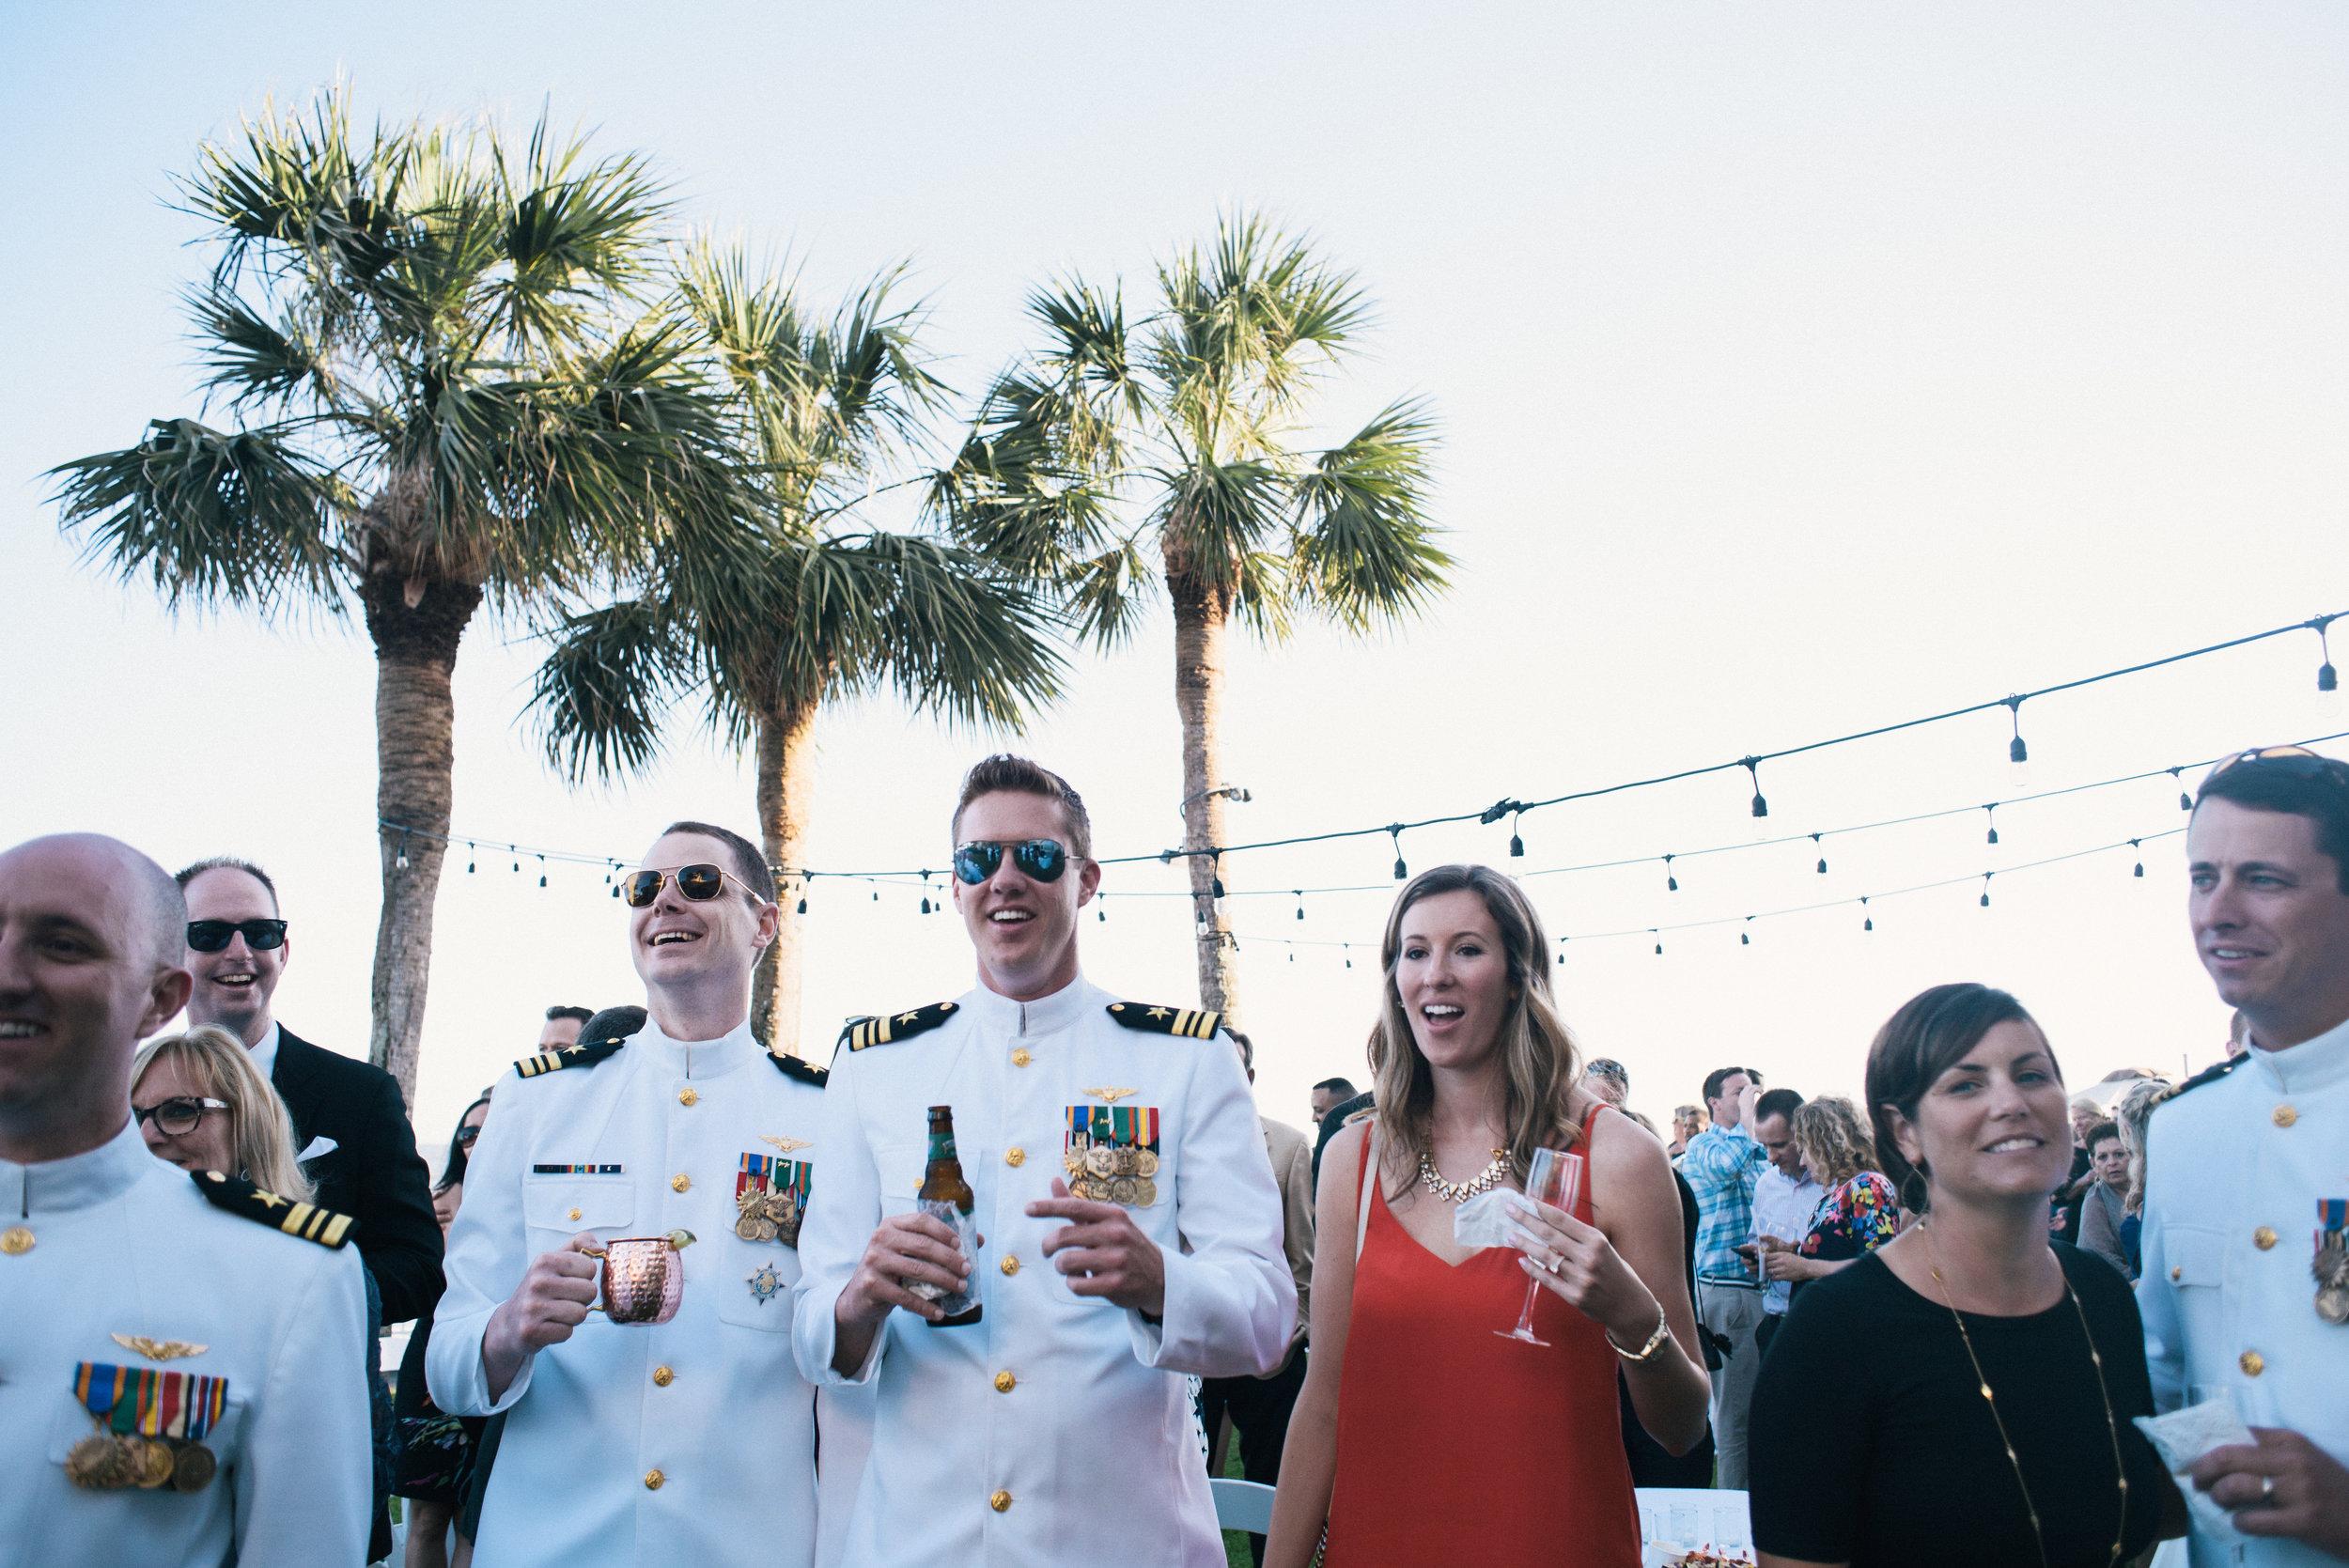 st-simons-island-elopement-photographer-savannah-elopement-photography-savannah-georgia-elopement-photographer-savannah-wedding-photographer-meg-hill-photo-jade-hill- (53 of 72).jpg